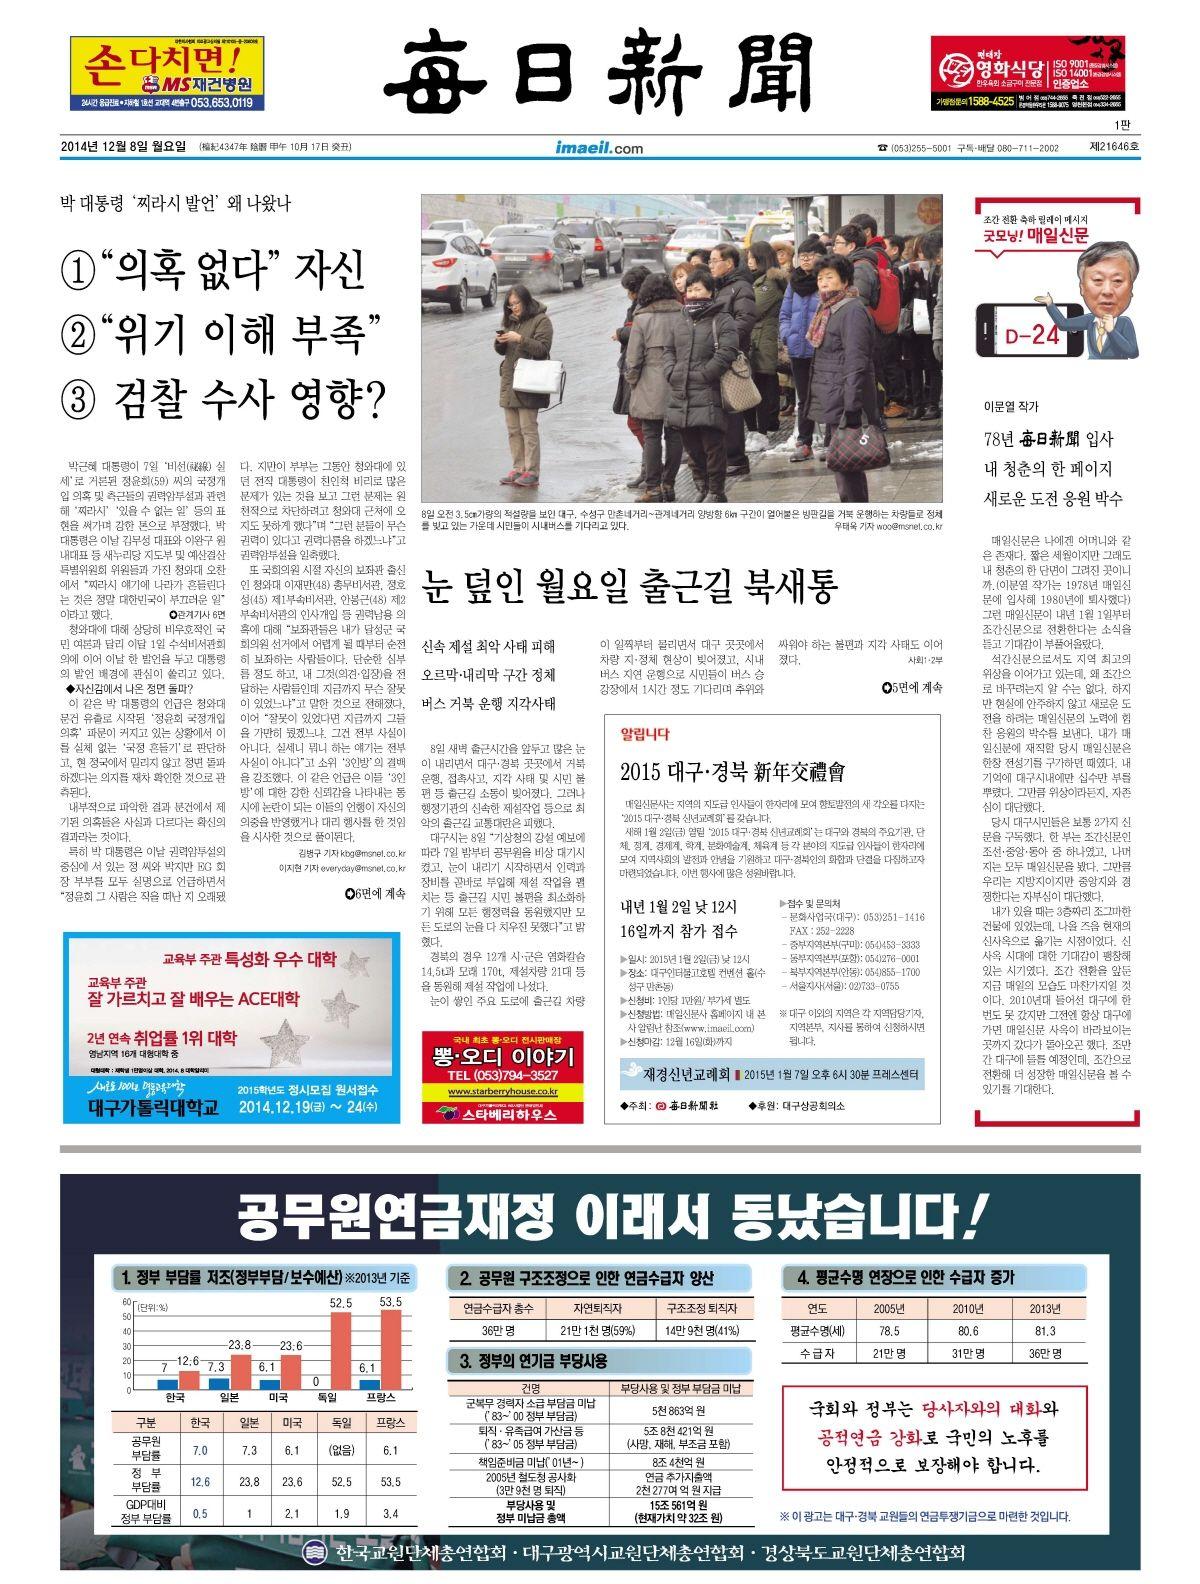 2014년 12월 8일 월요일 매일신문 1면